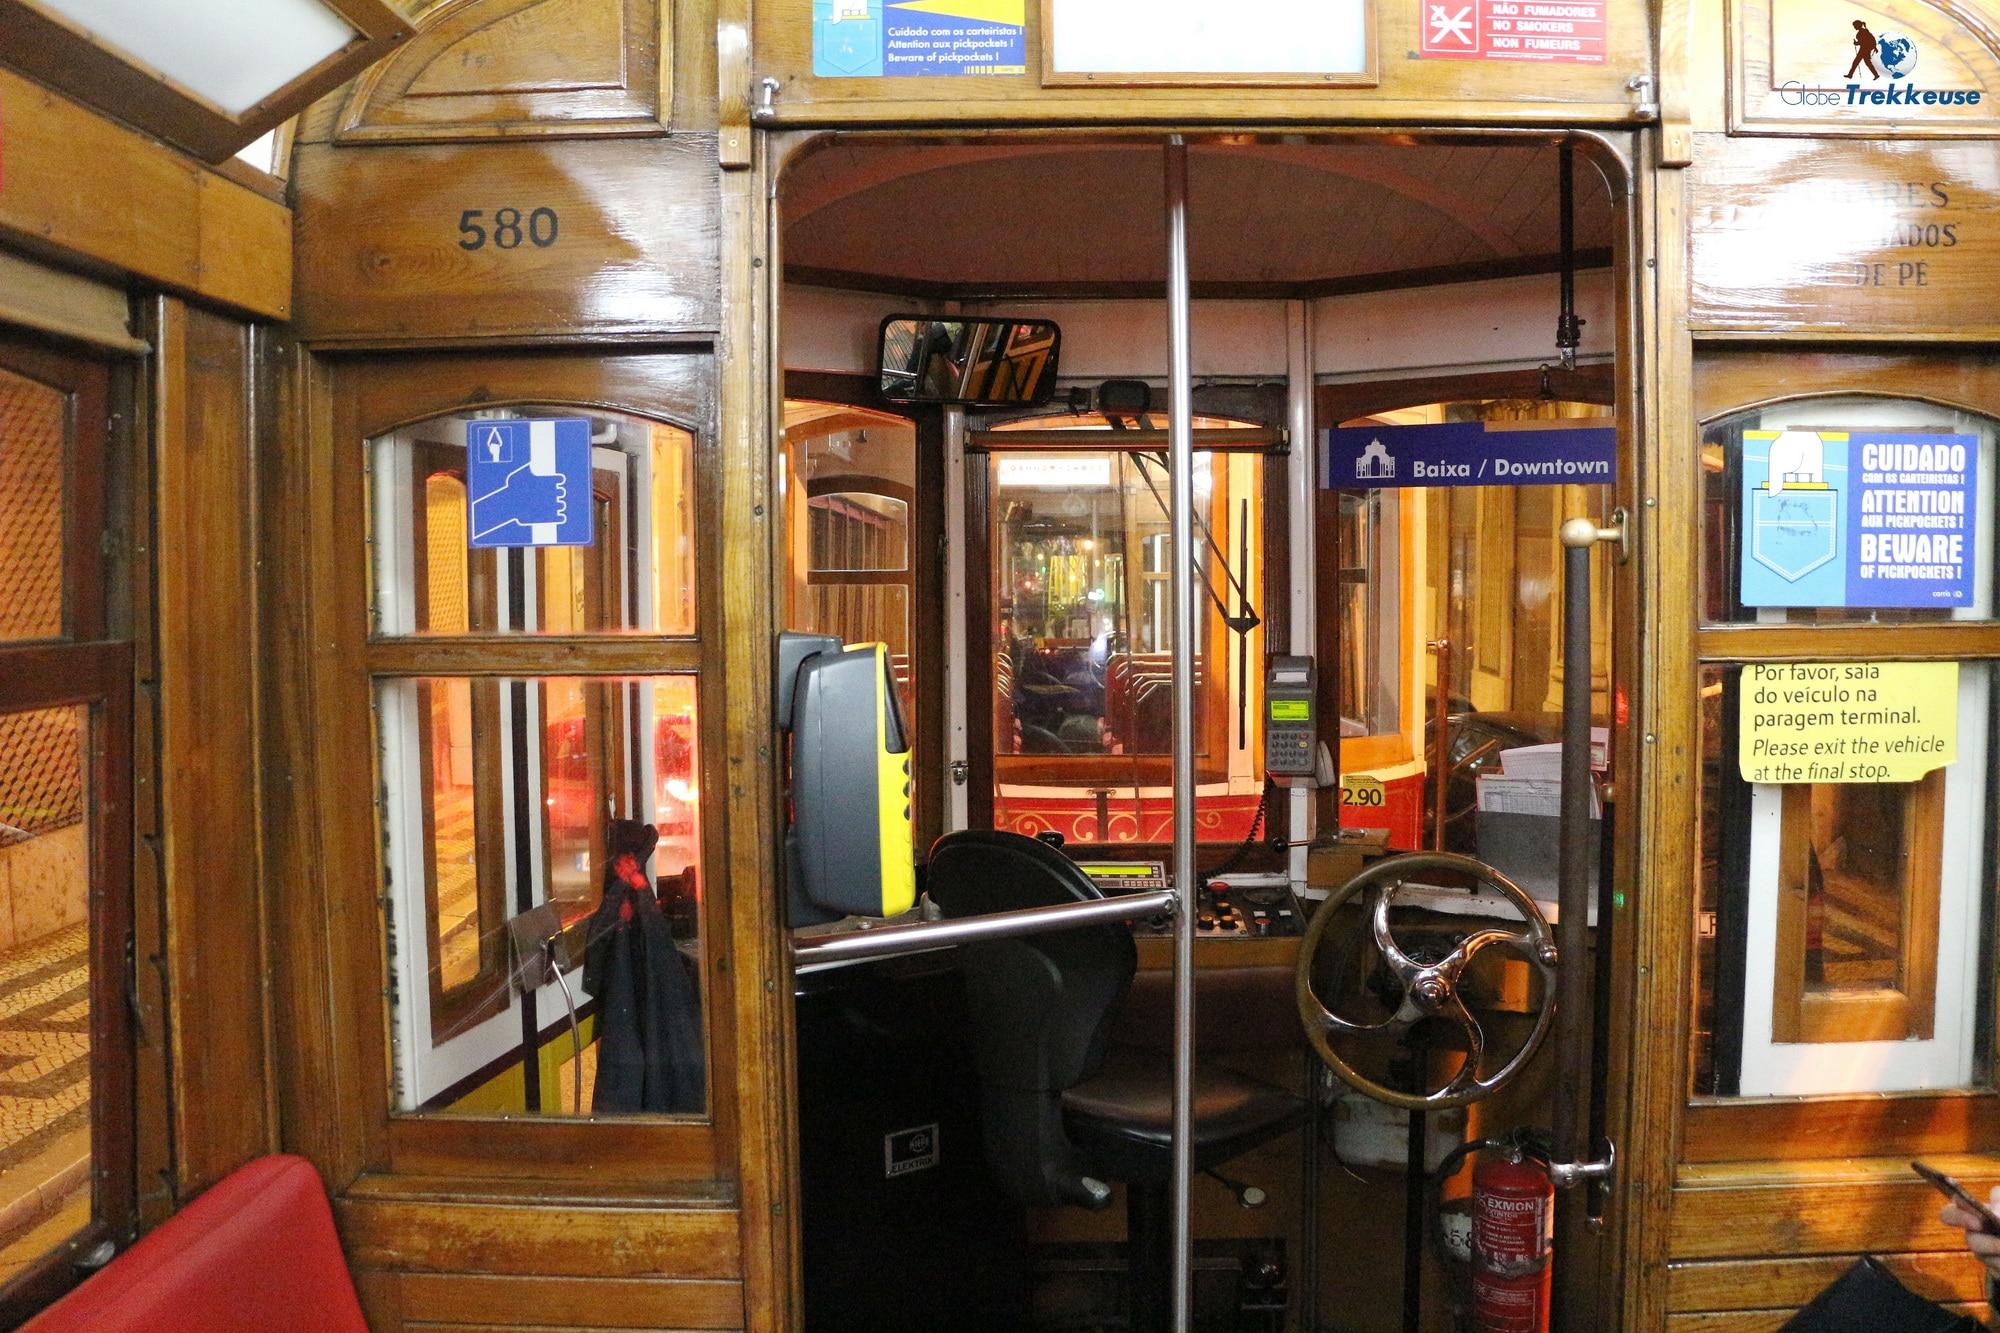 3 jours Lisbonne tram interieur